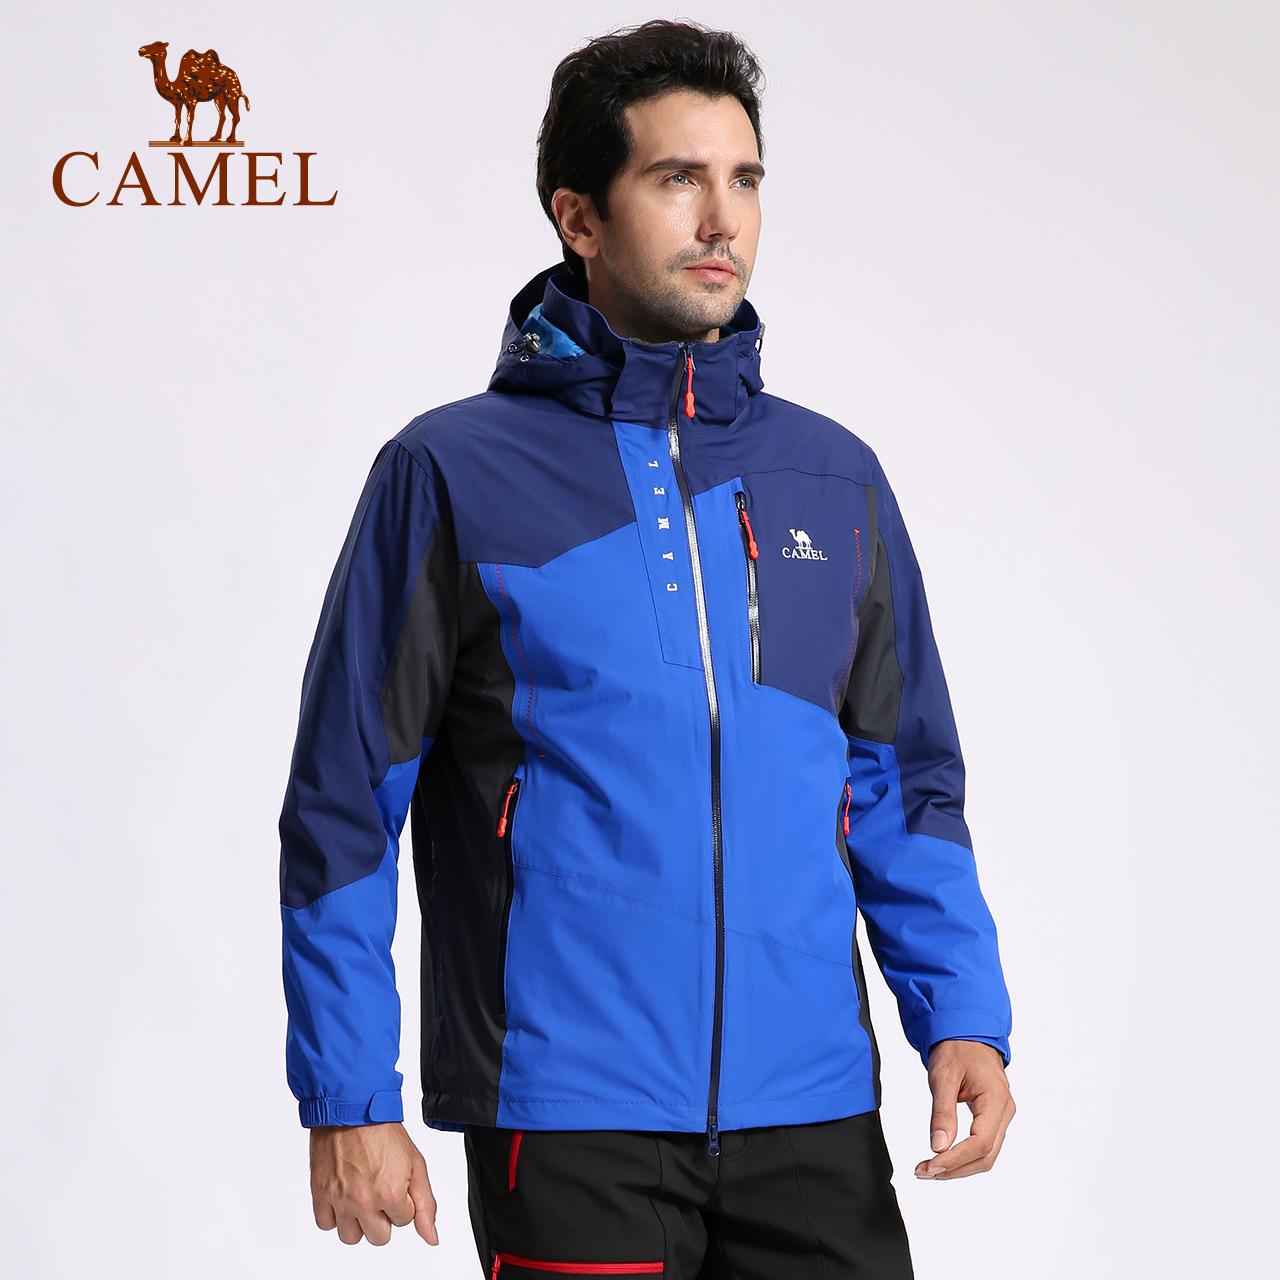 特卖骆驼户外冲锋衣男款秋冬季防水防风三合一两件套可拆卸登山服